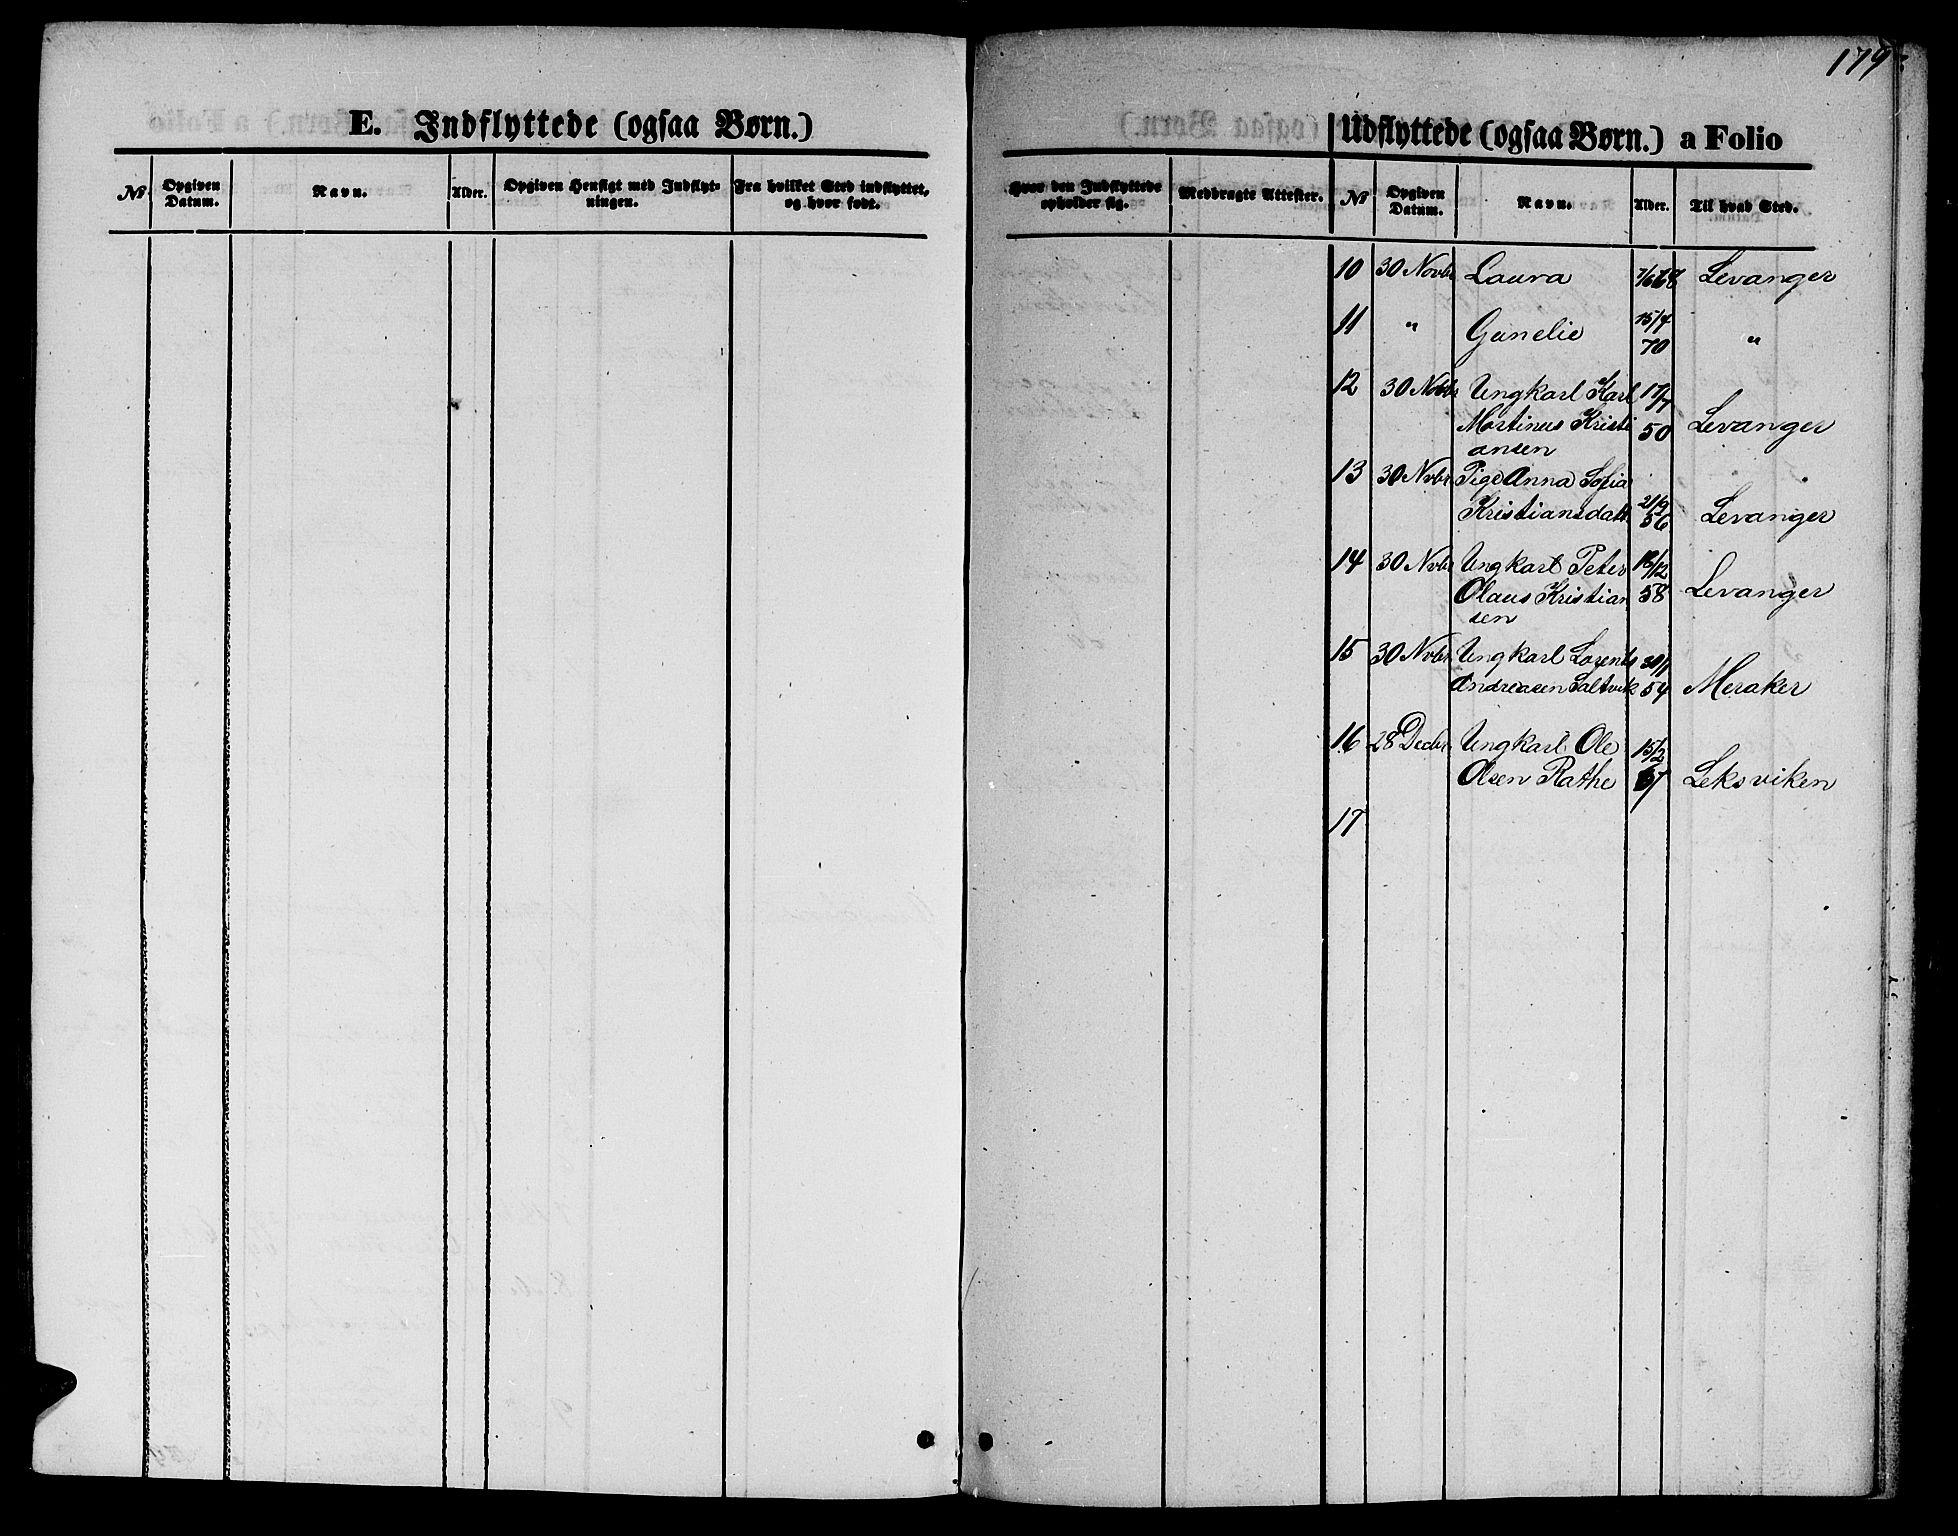 SAT, Ministerialprotokoller, klokkerbøker og fødselsregistre - Nord-Trøndelag, 733/L0326: Klokkerbok nr. 733C01, 1871-1887, s. 179